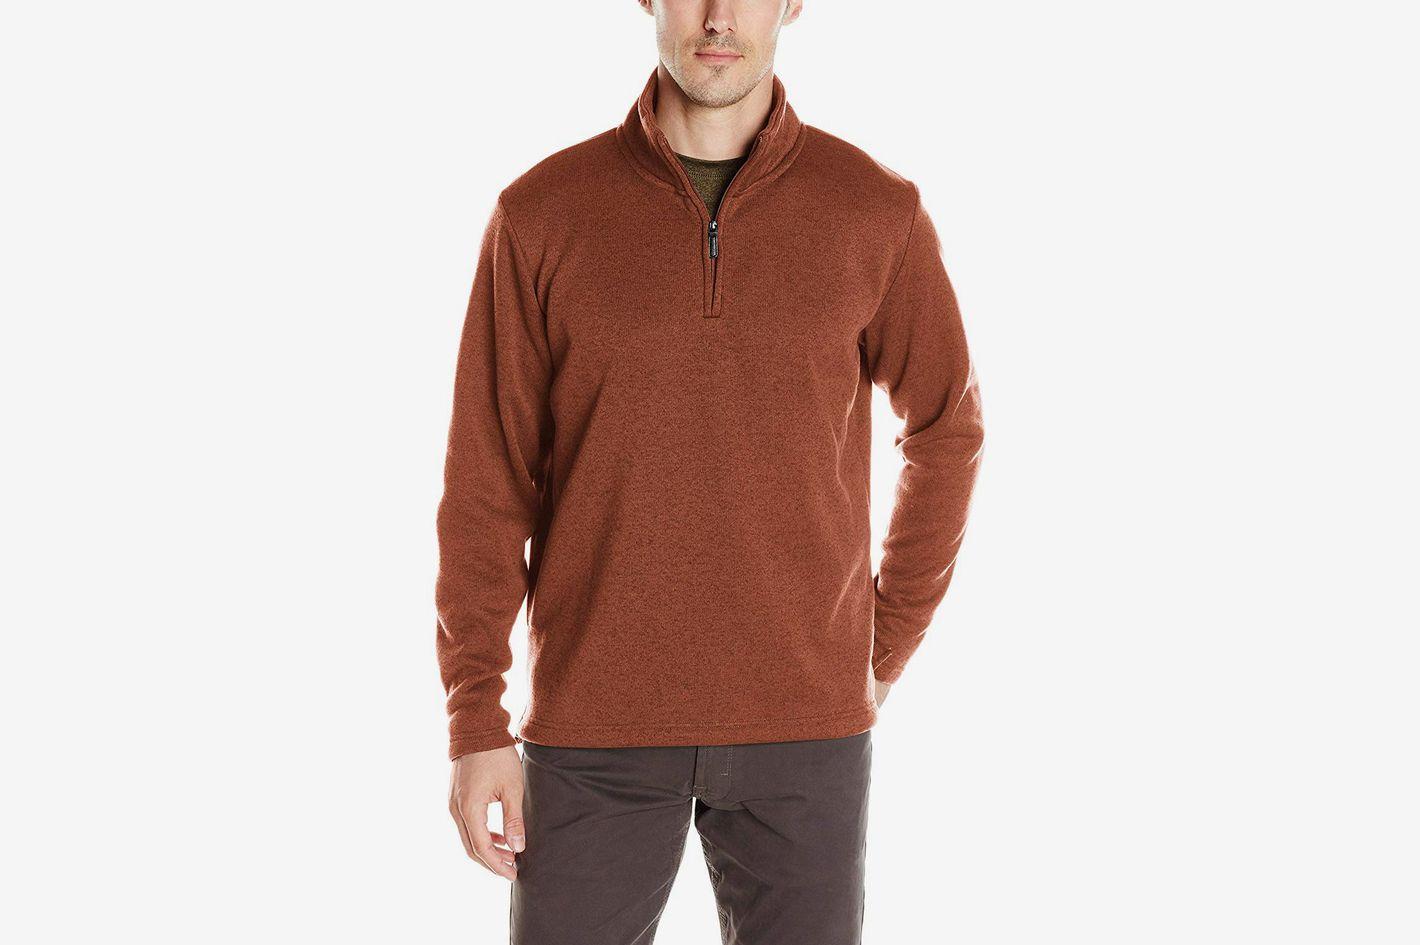 38409b7d2c65 Wrangler Authentics Men's Sweater Fleece Quarter-Zip